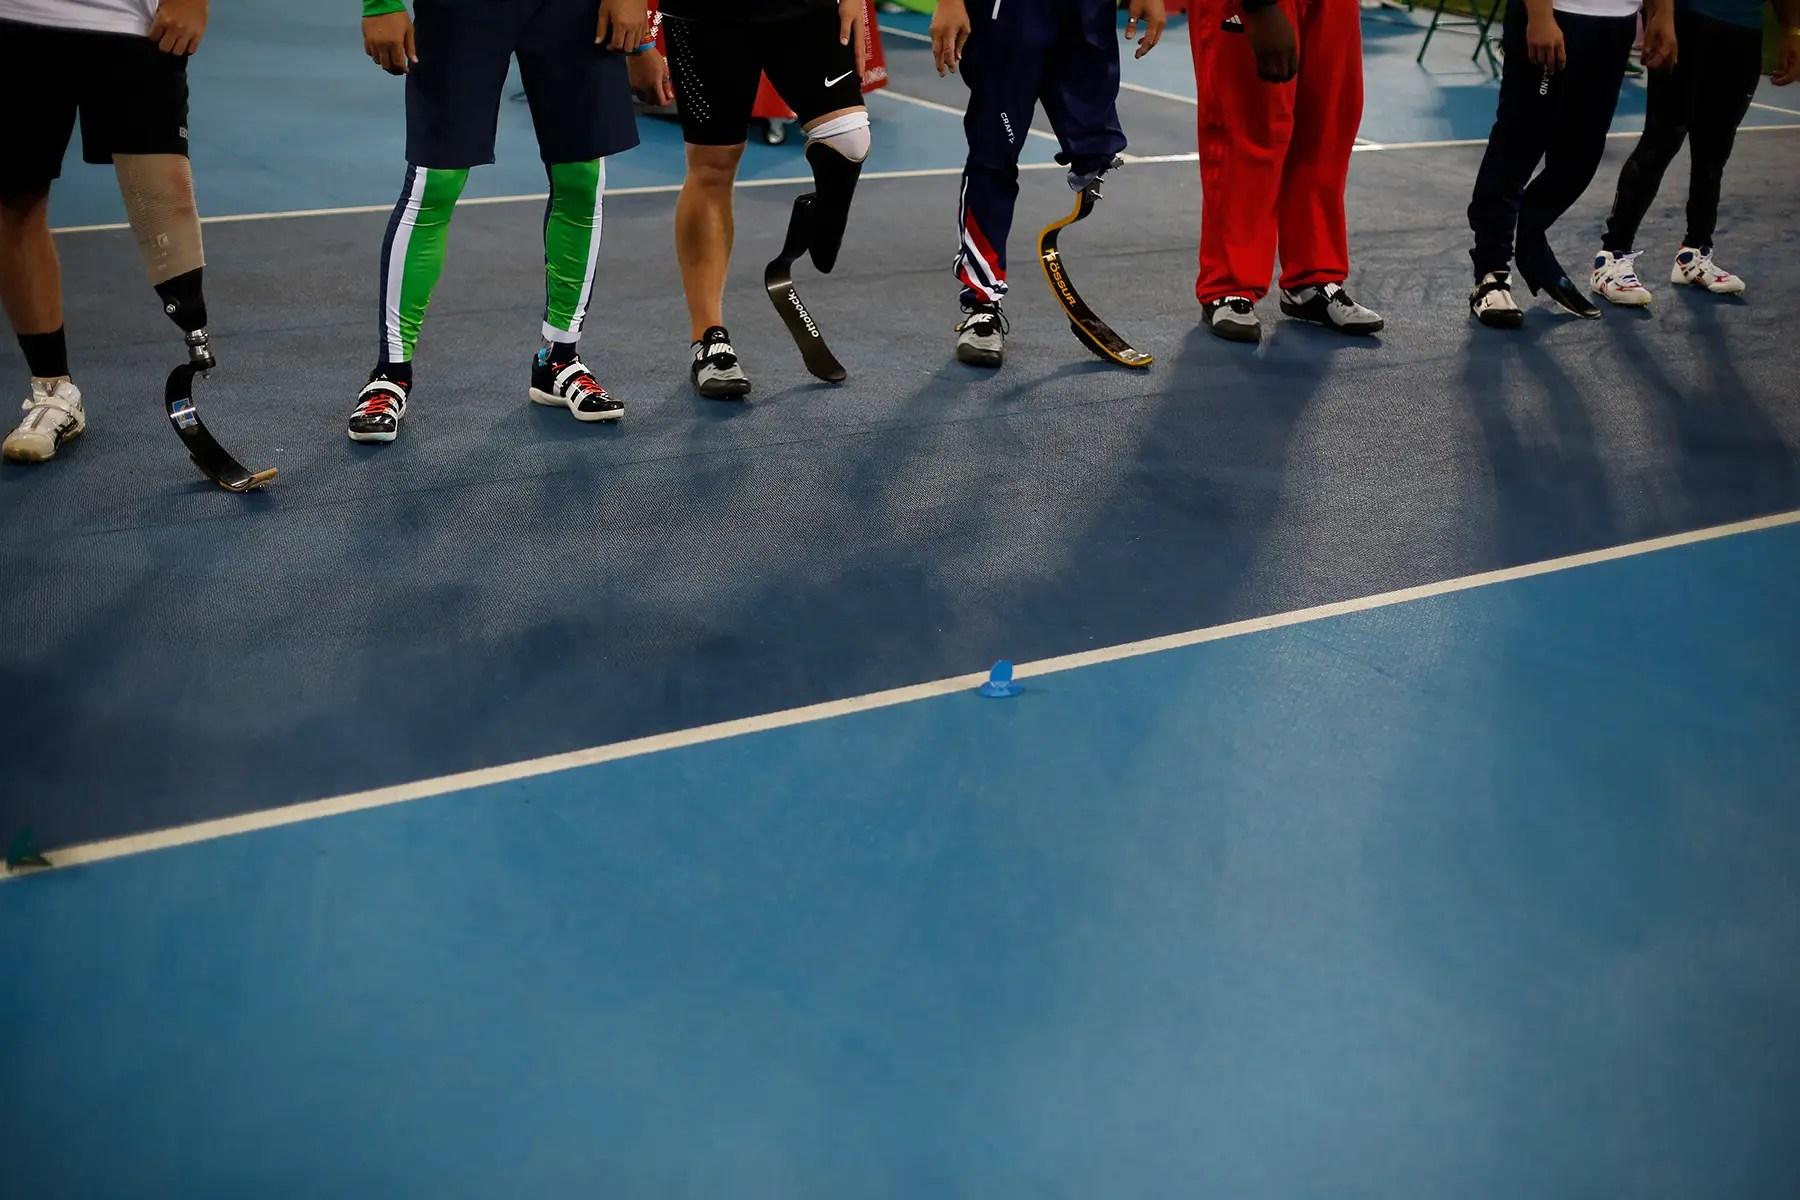 Los competidores esperan en línea antes del inicio de la jabalina de los hombres.